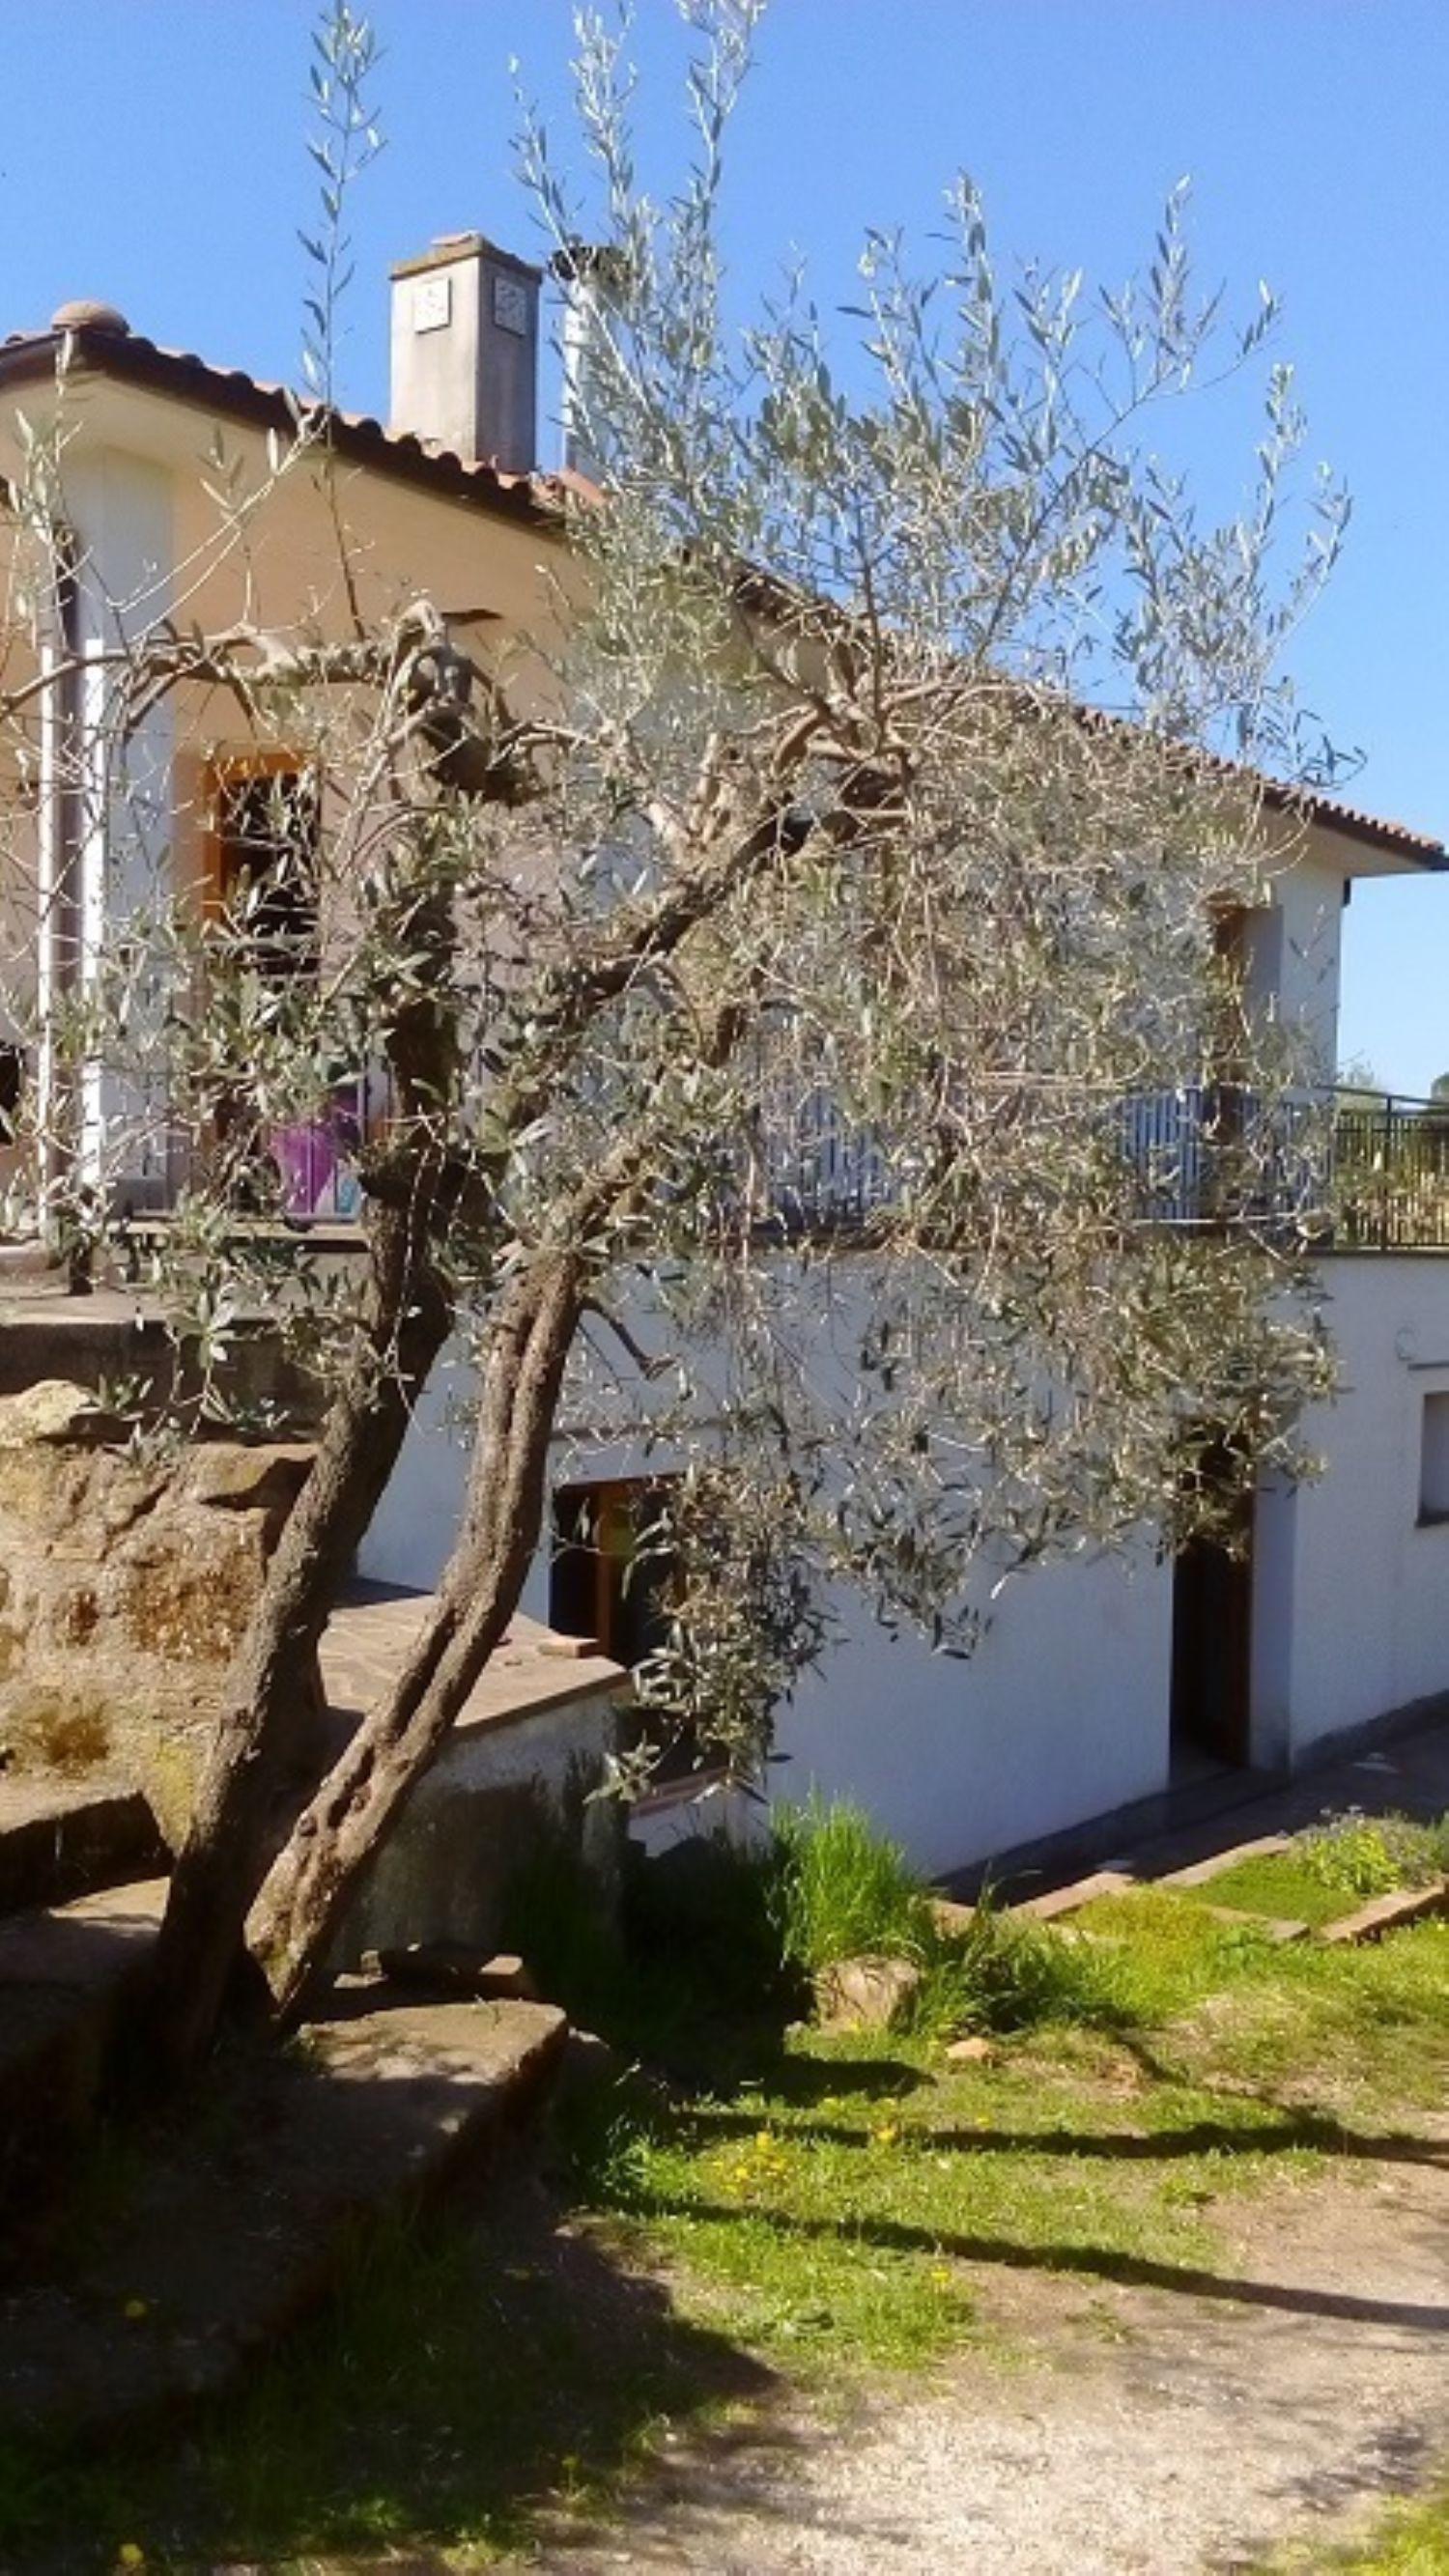 Villa Bifamiliare in vendita a Vitorchiano, 4 locali, prezzo € 220.000 | Cambio Casa.it